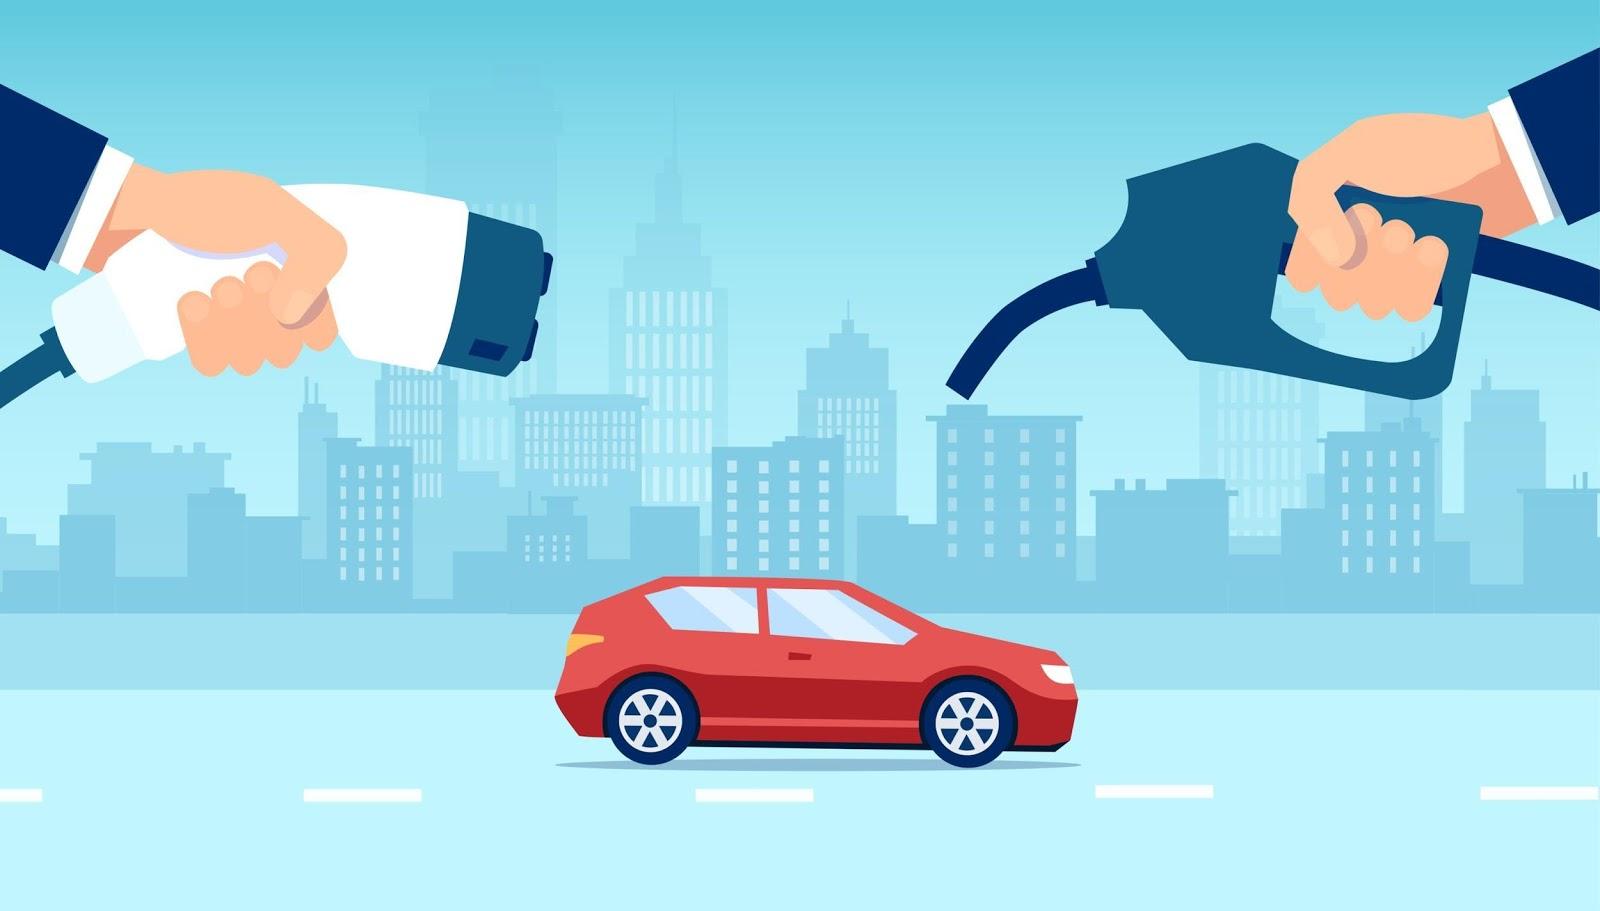 Plug-in hybrid vs. electric cars